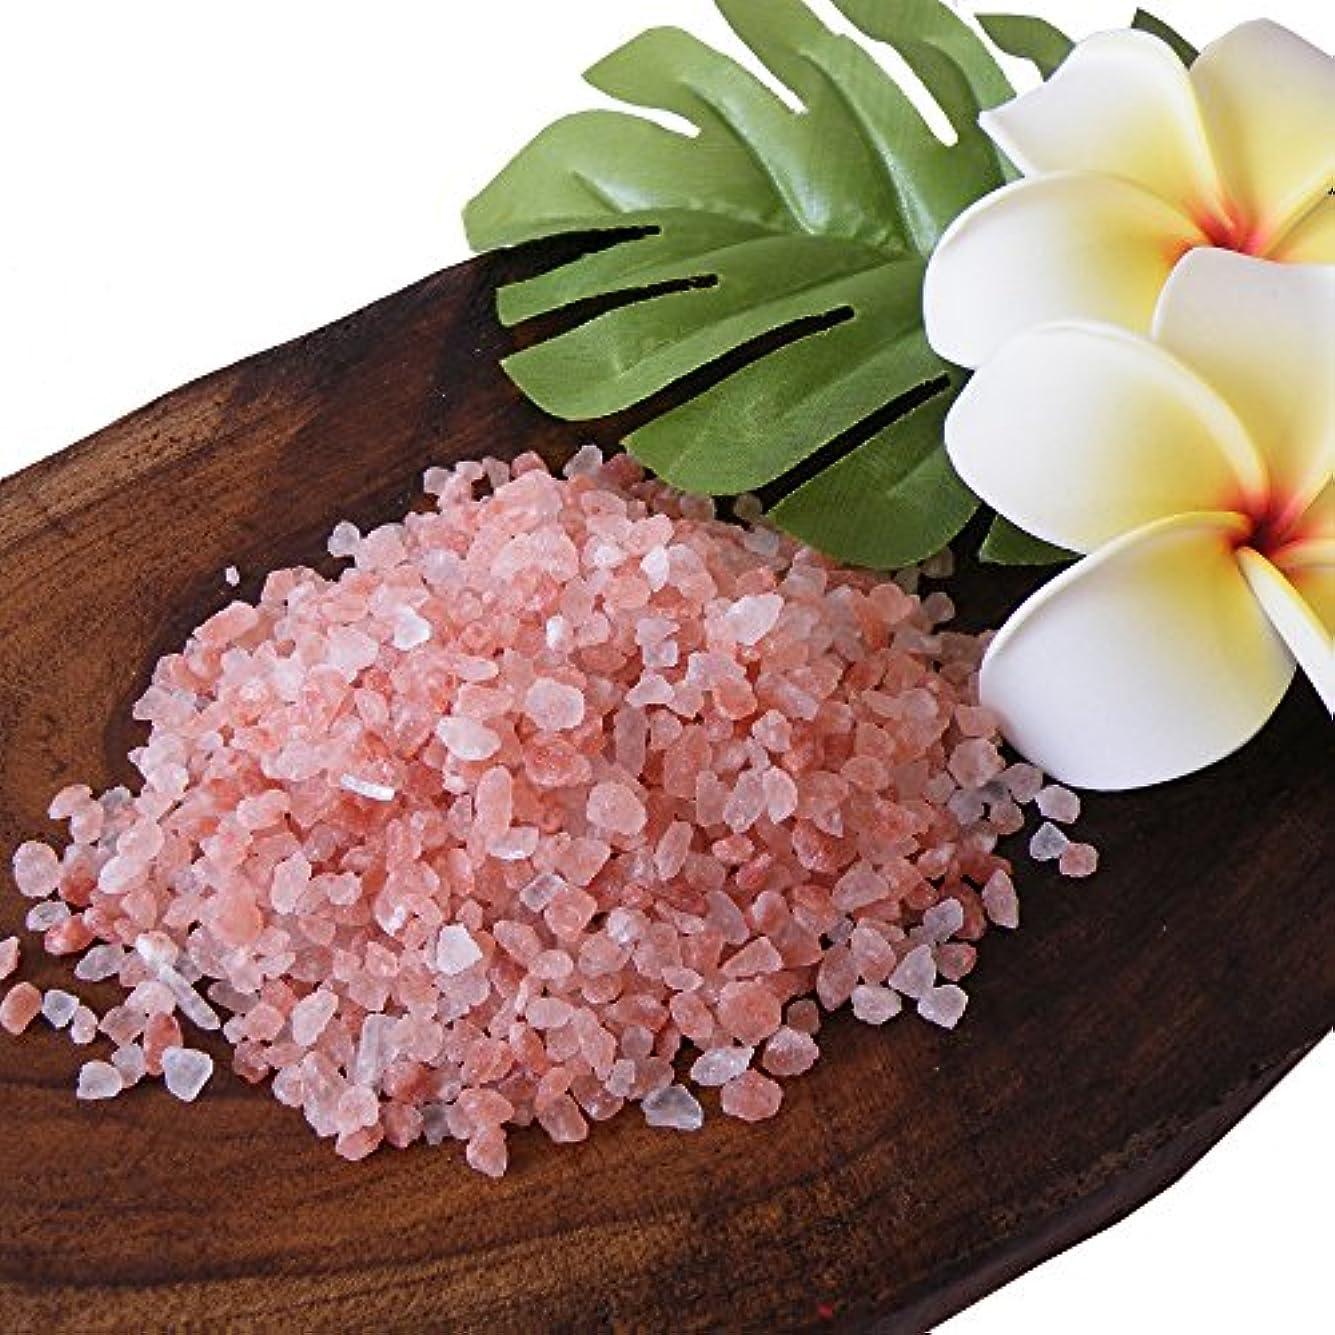 ラジカルライナートレイヒマラヤ岩塩 バスソルト ローズソルト (ダークピンク岩塩)小粒タイプ お試し1kg(ソルト内容量970g)